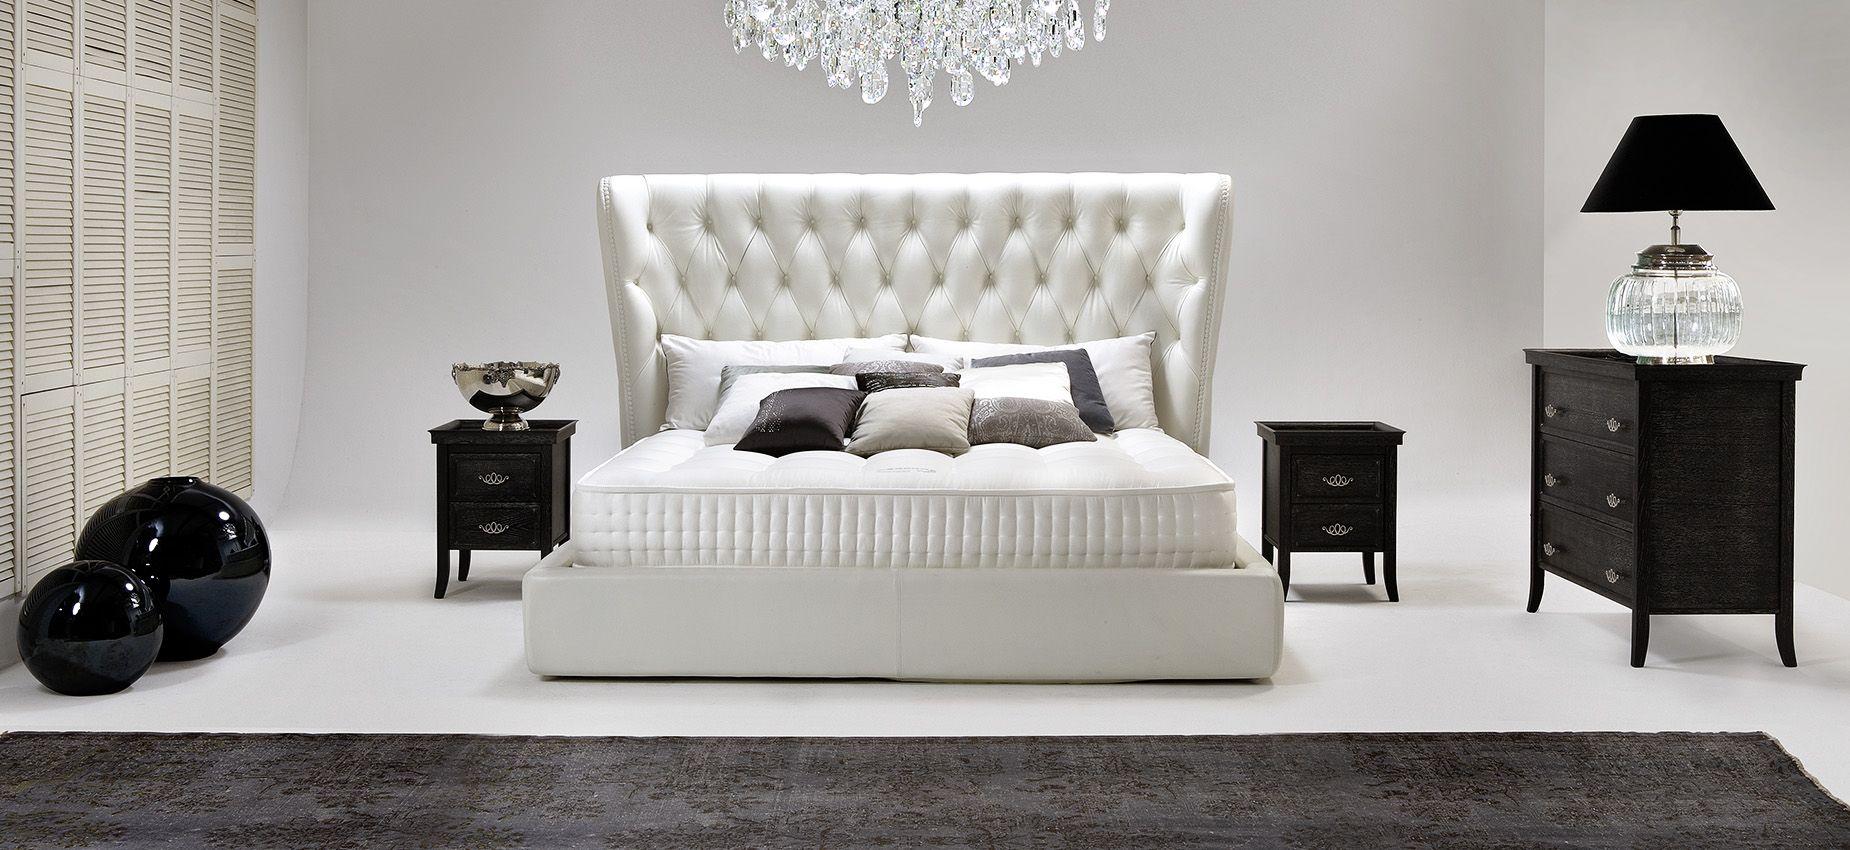 Элитные кровати – это роскошь, престиж и красота